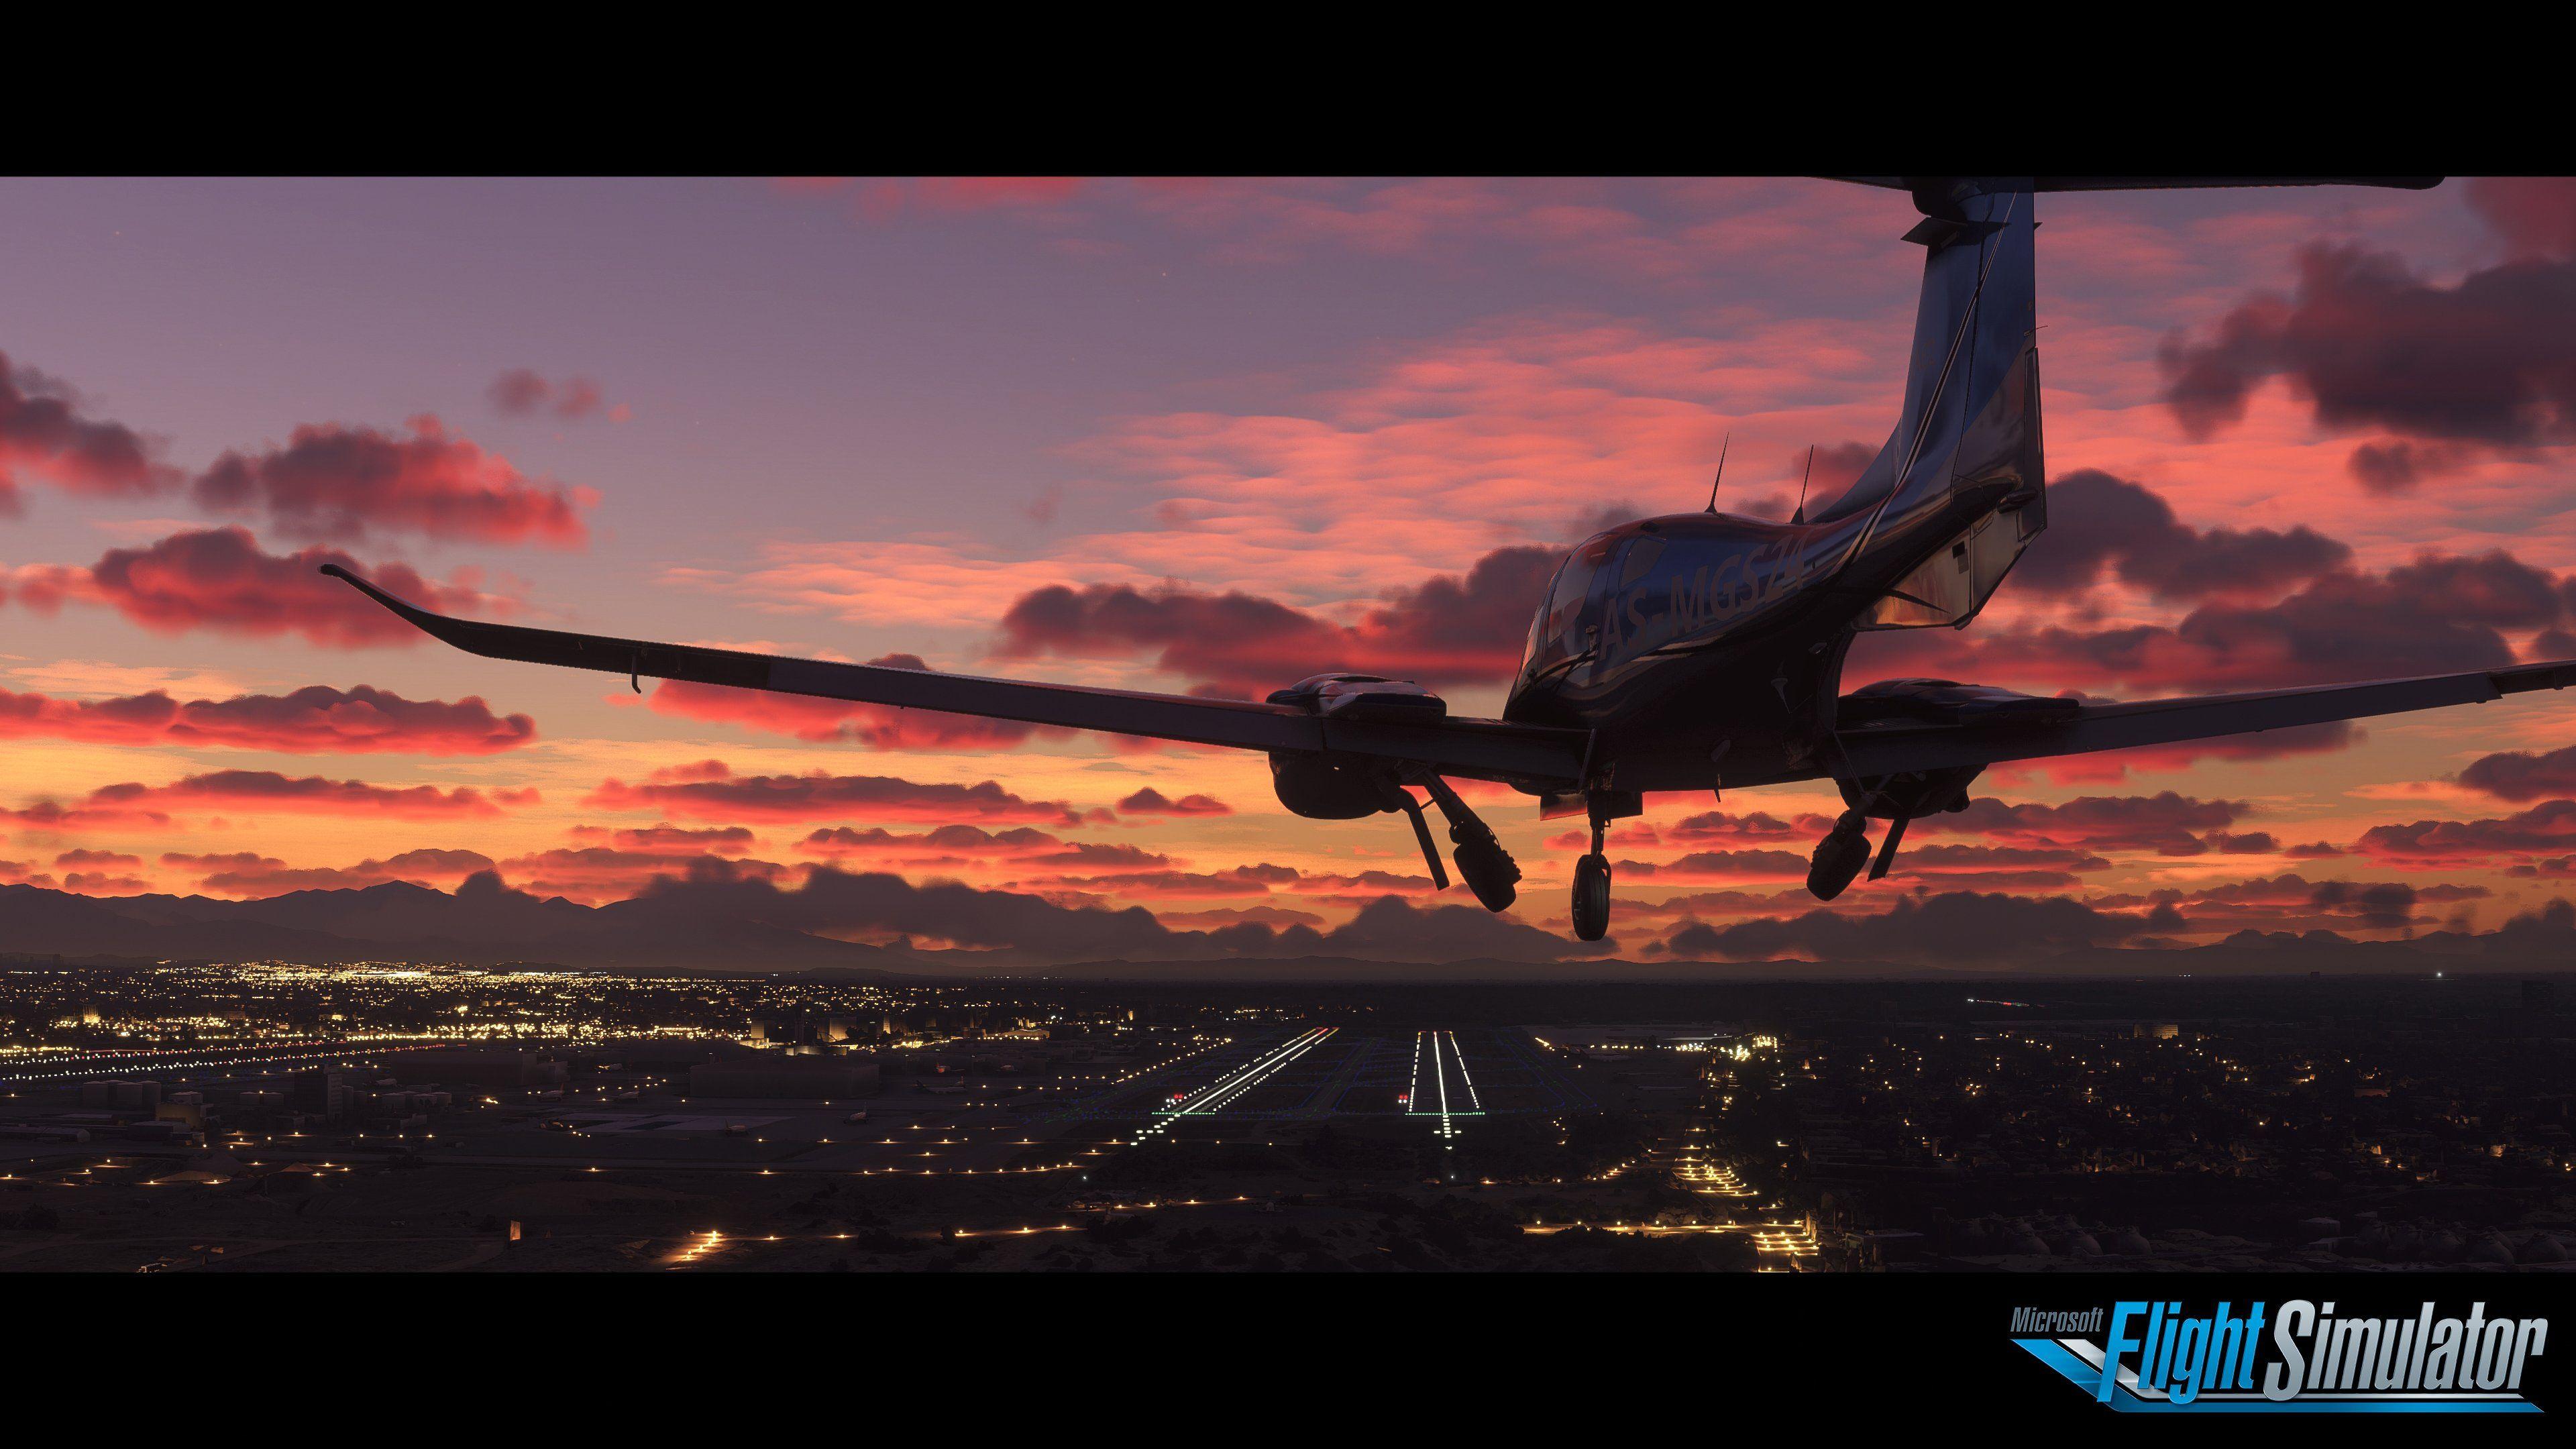 microsoft flight simulator game wallpaper 72758